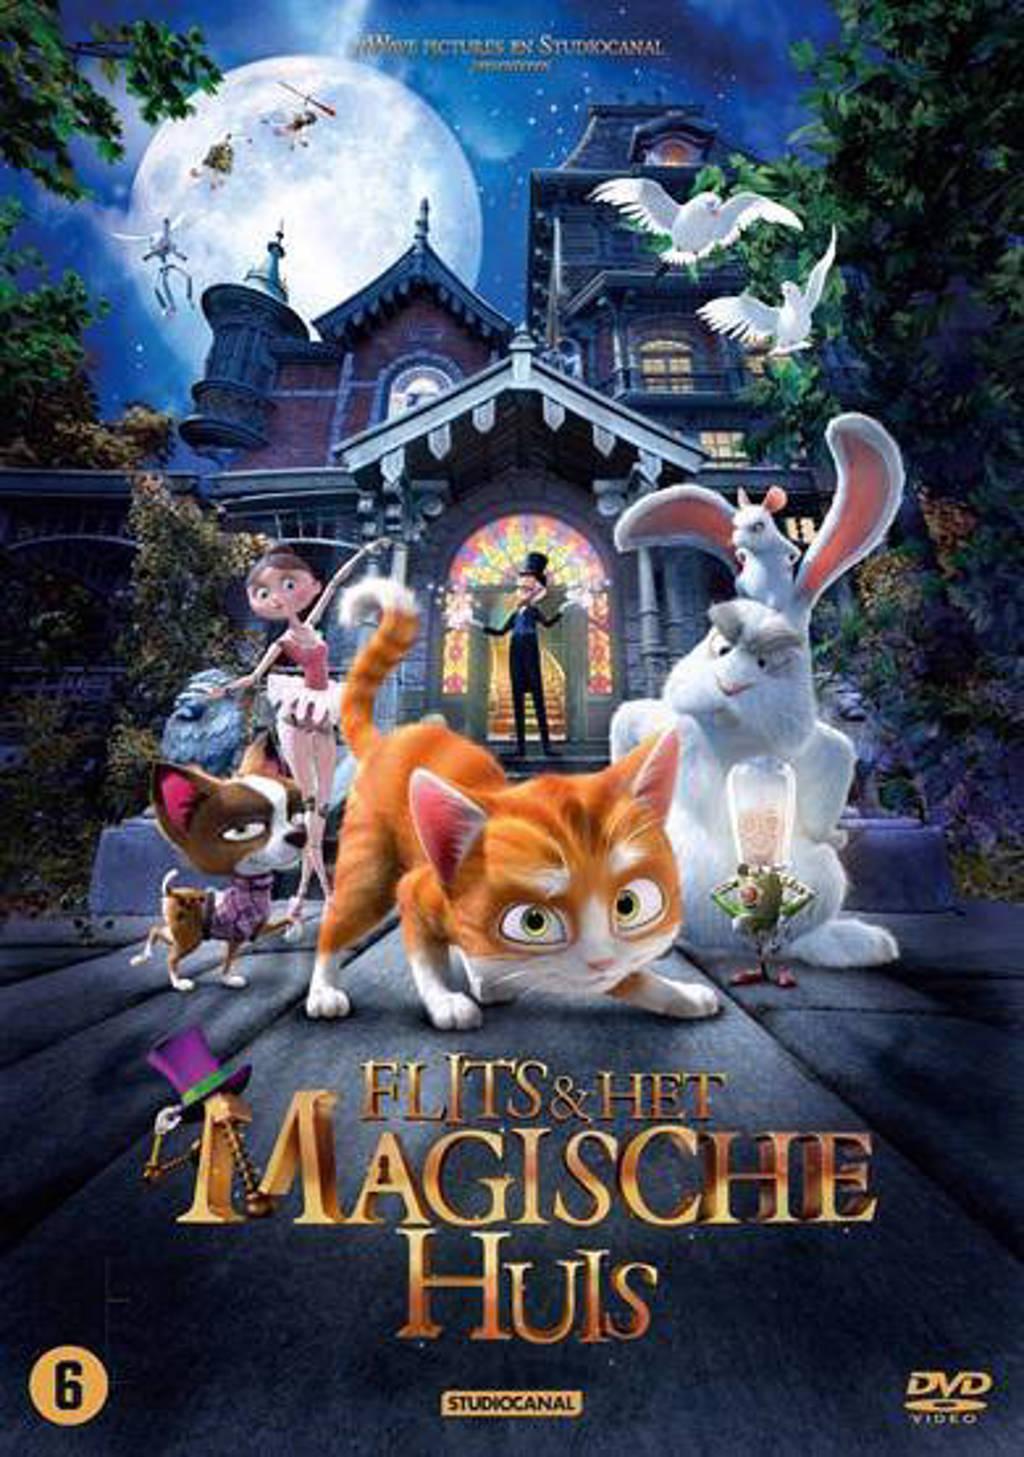 Flits en het magische huis (DVD)